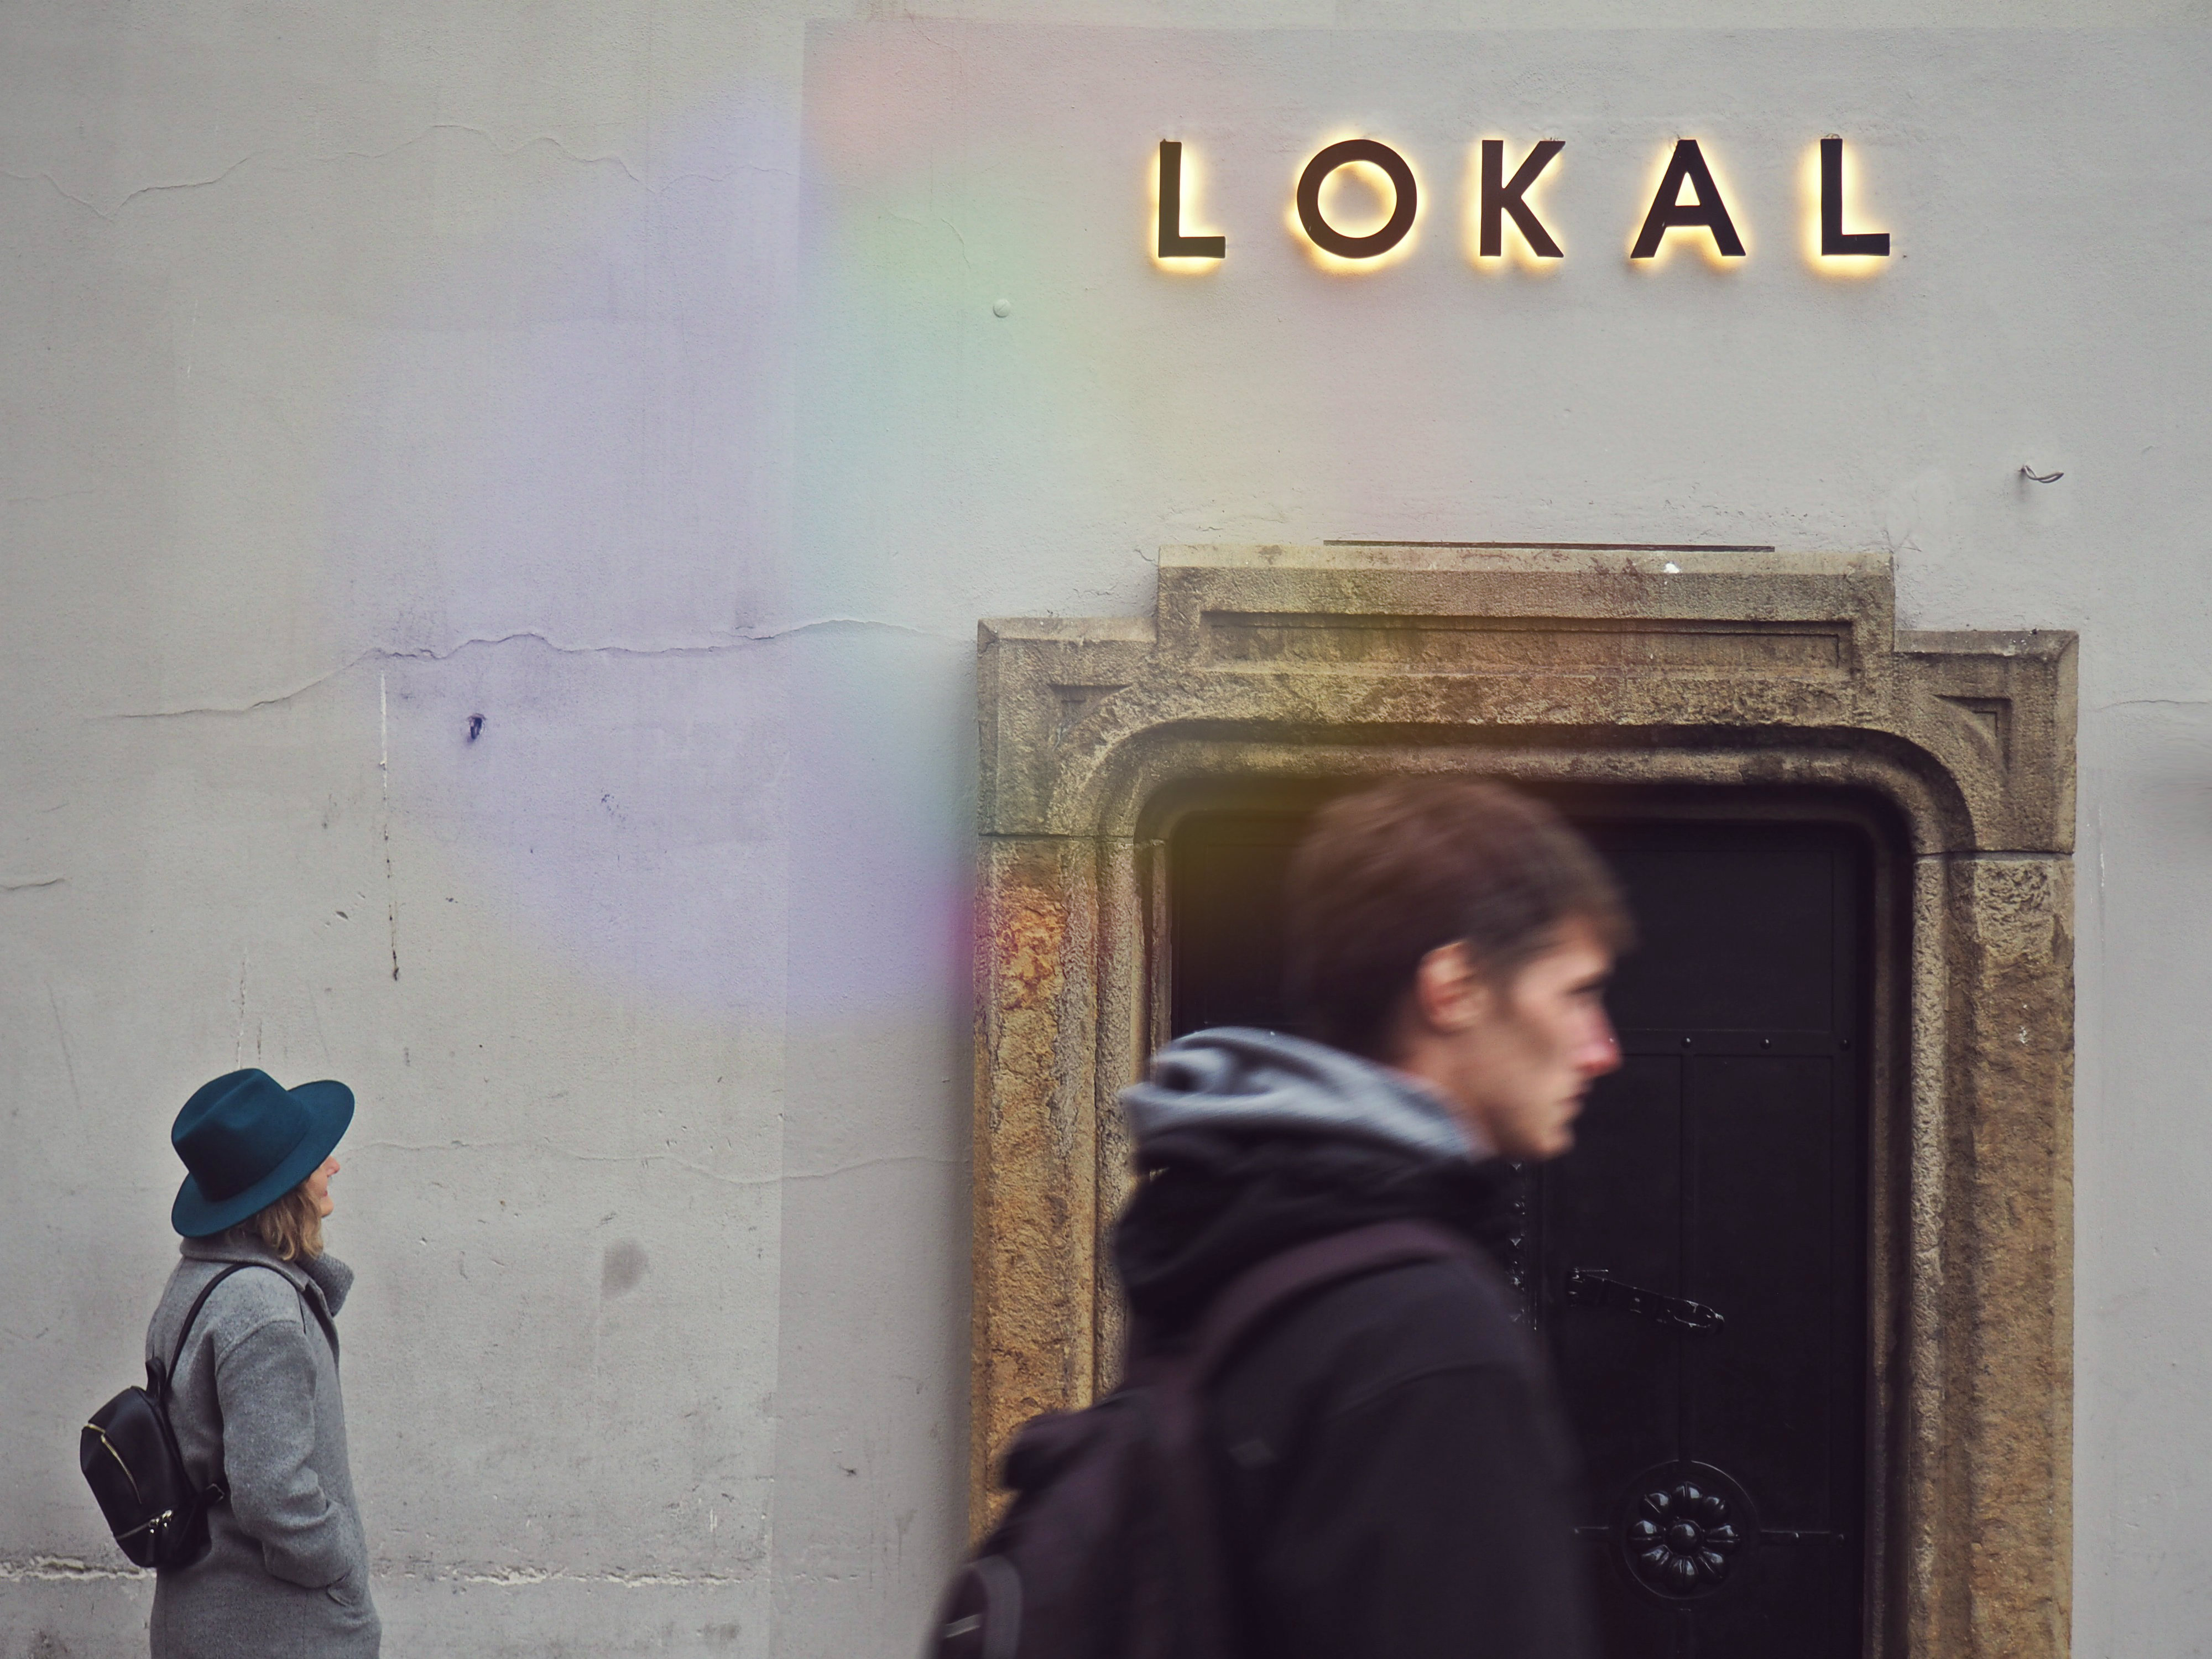 lookal